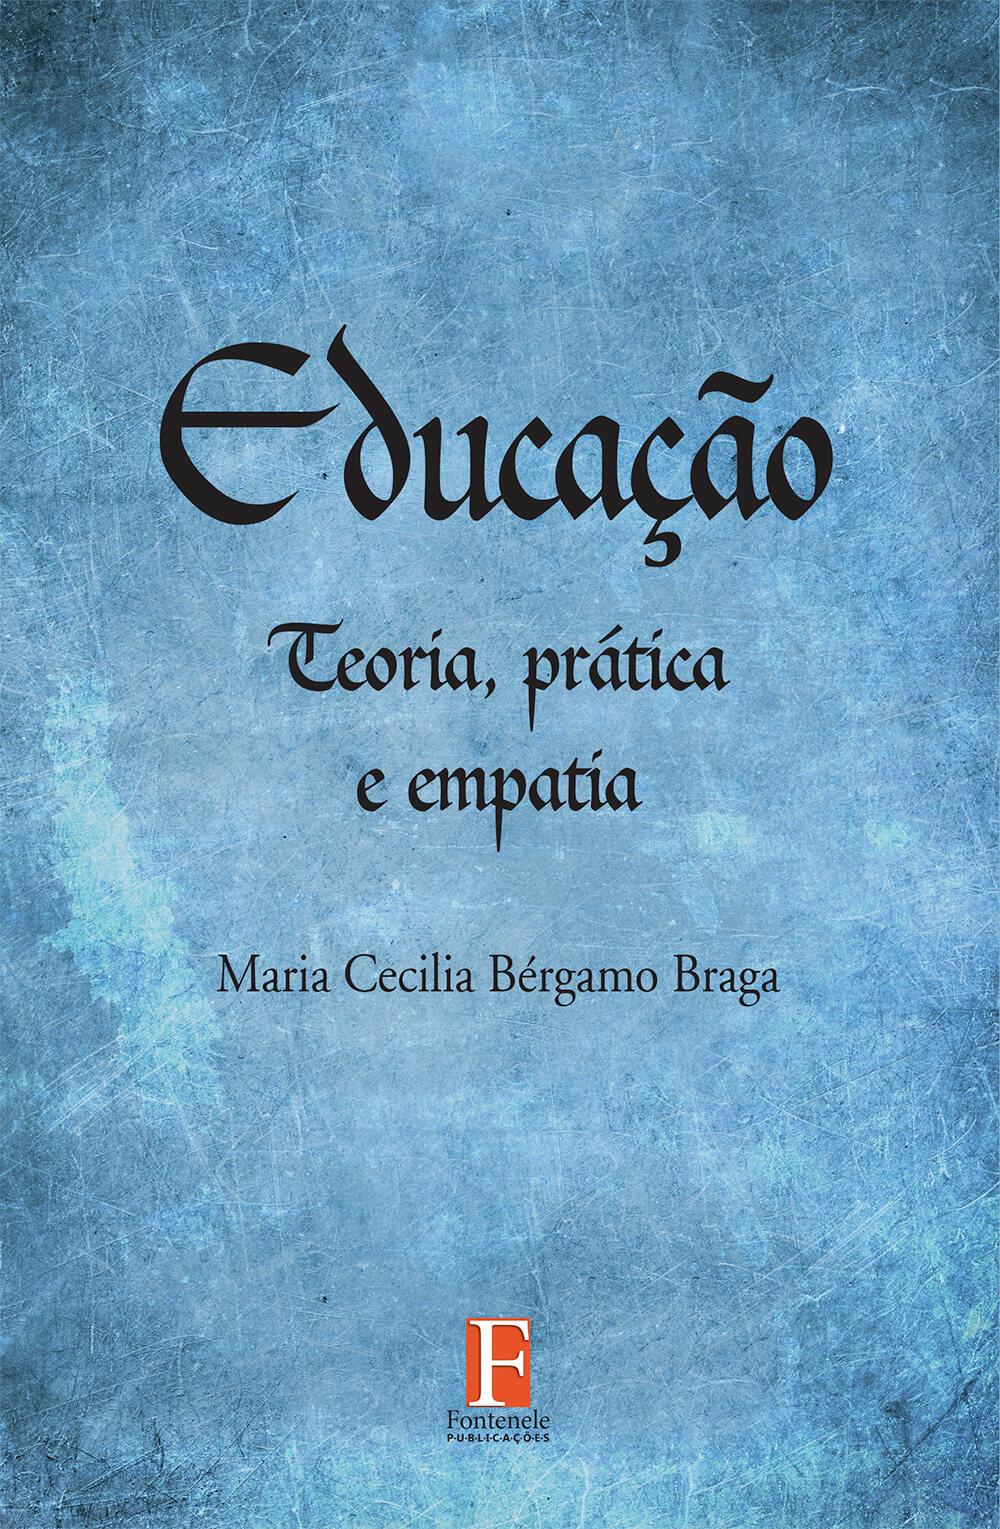 Fontenele Publicações / 11 95150-3481 / 11  95150-4383 EDUCAÇÃO: TEORIA, PRÁTICA E EMPATIA